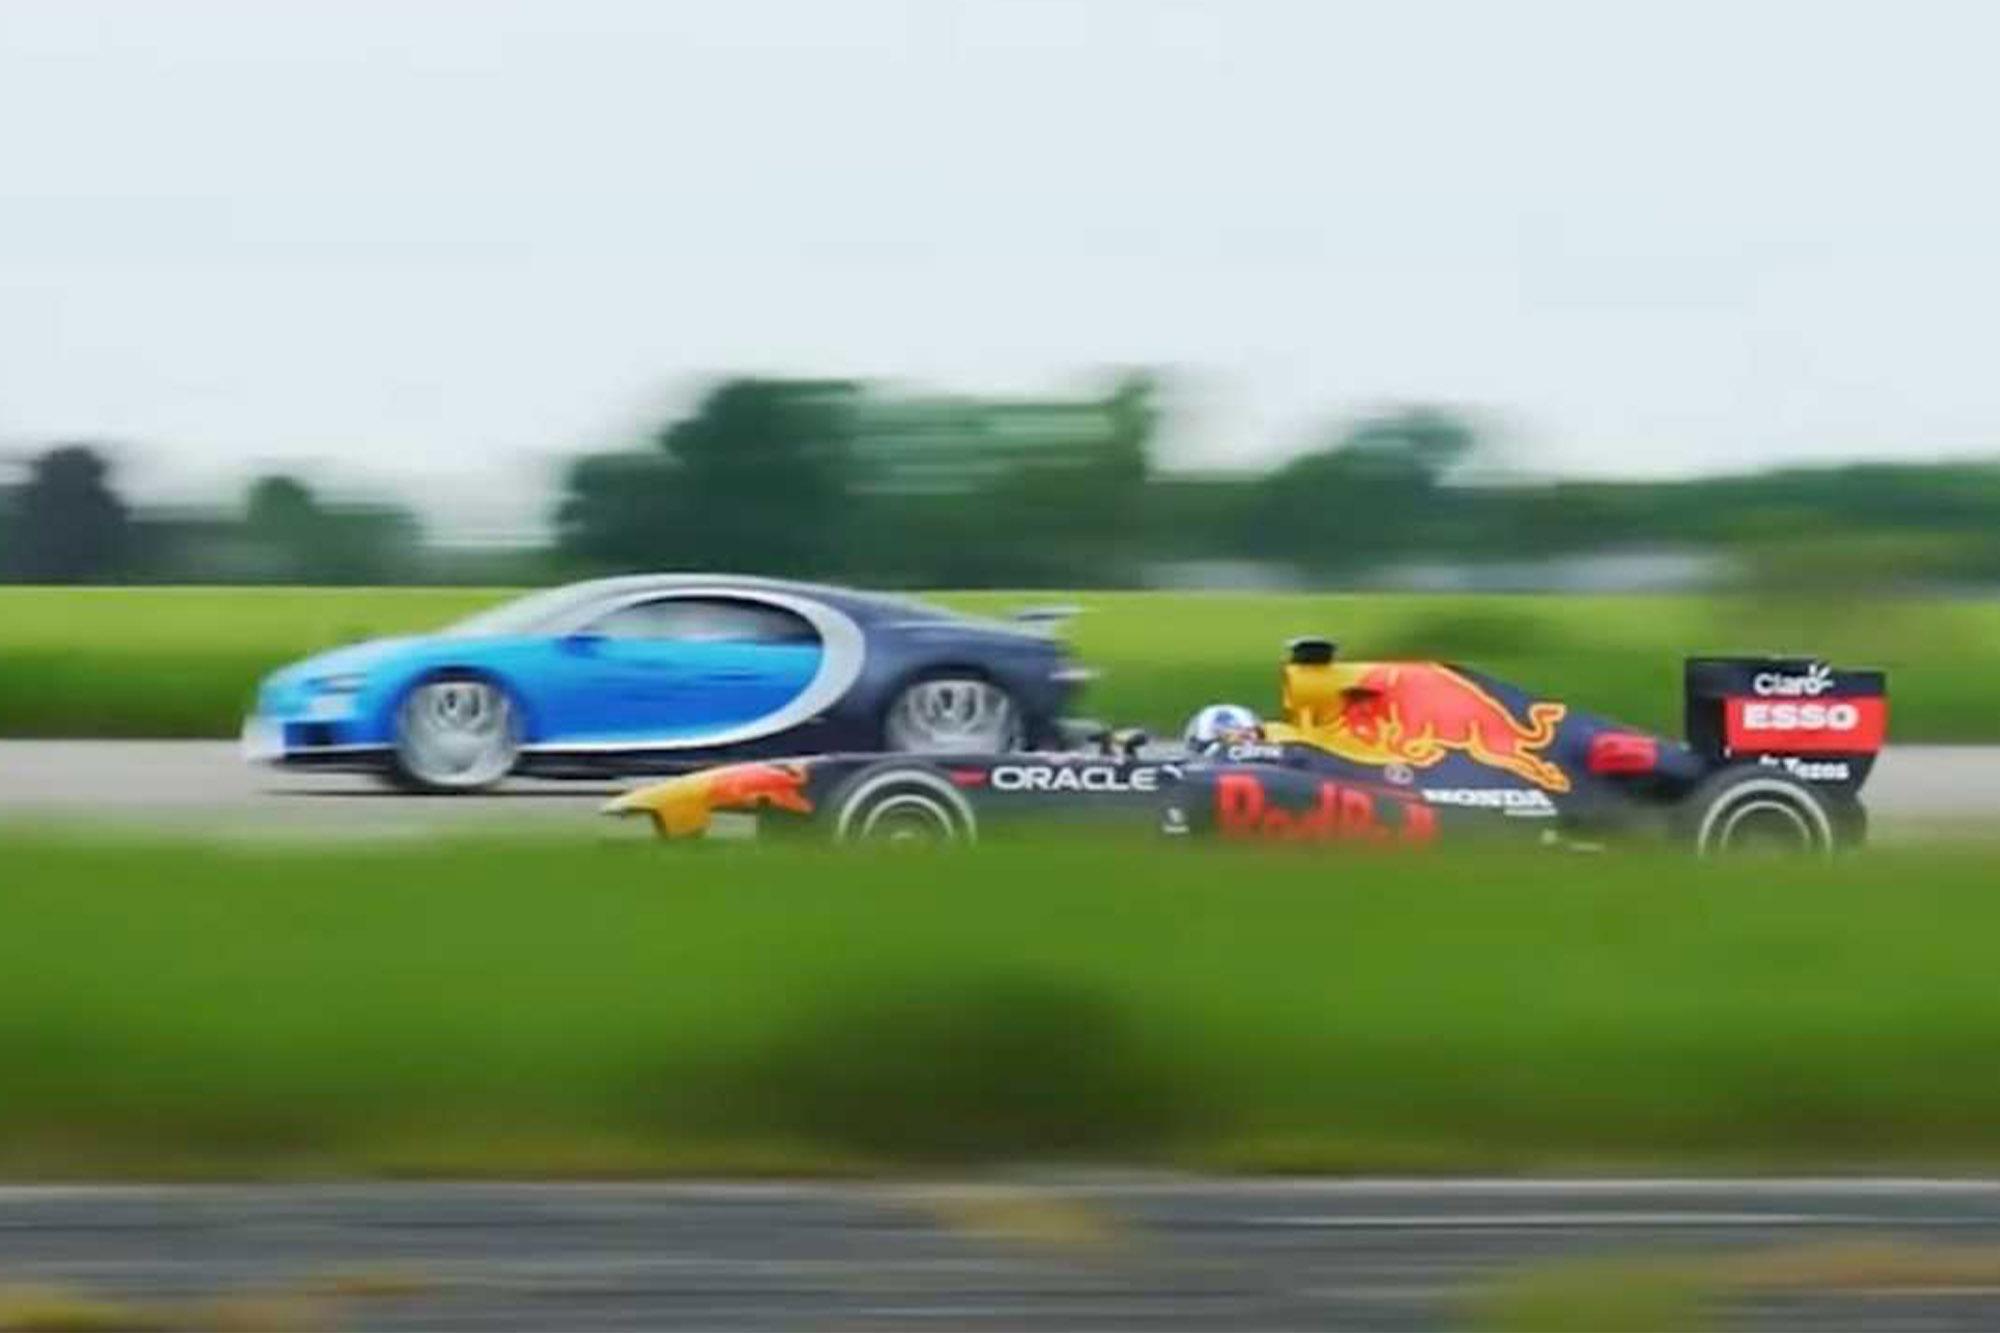 Chiron disputando drag race com F1